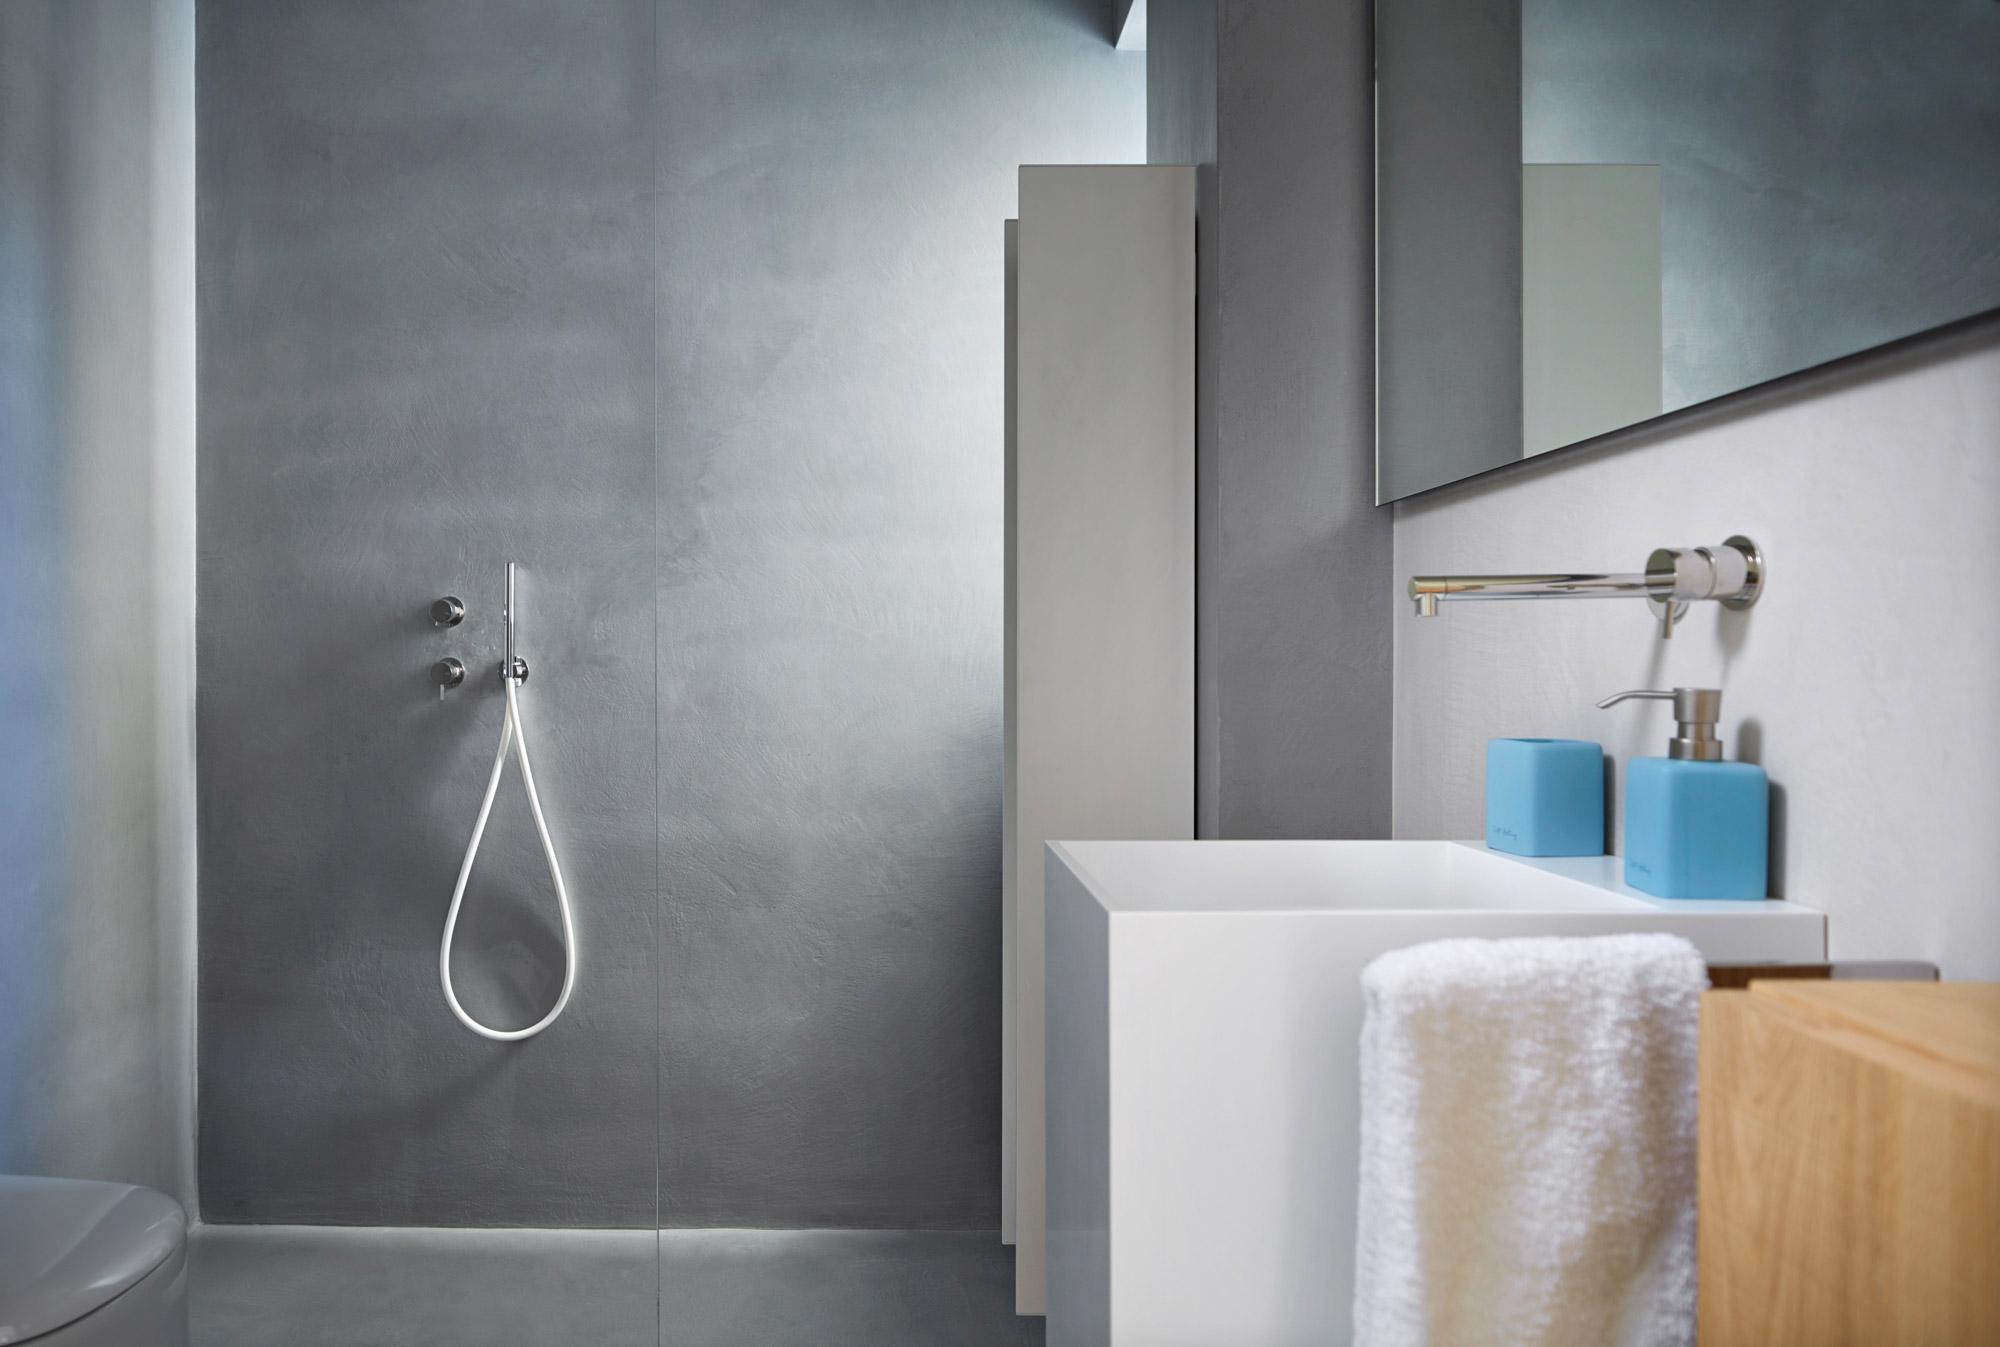 Come realizzare un bagno senza piastrelle ideal work - Togliere piastrelle bagno ...